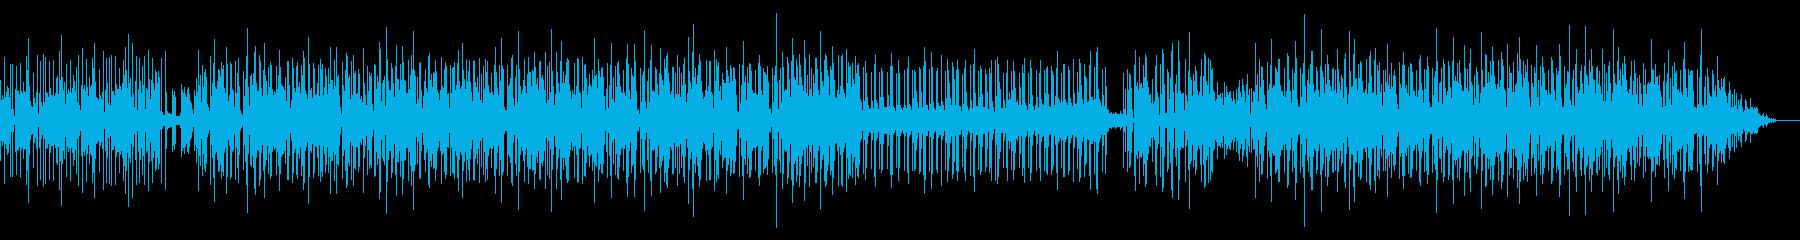 80年代風 R&B フュージョンの再生済みの波形